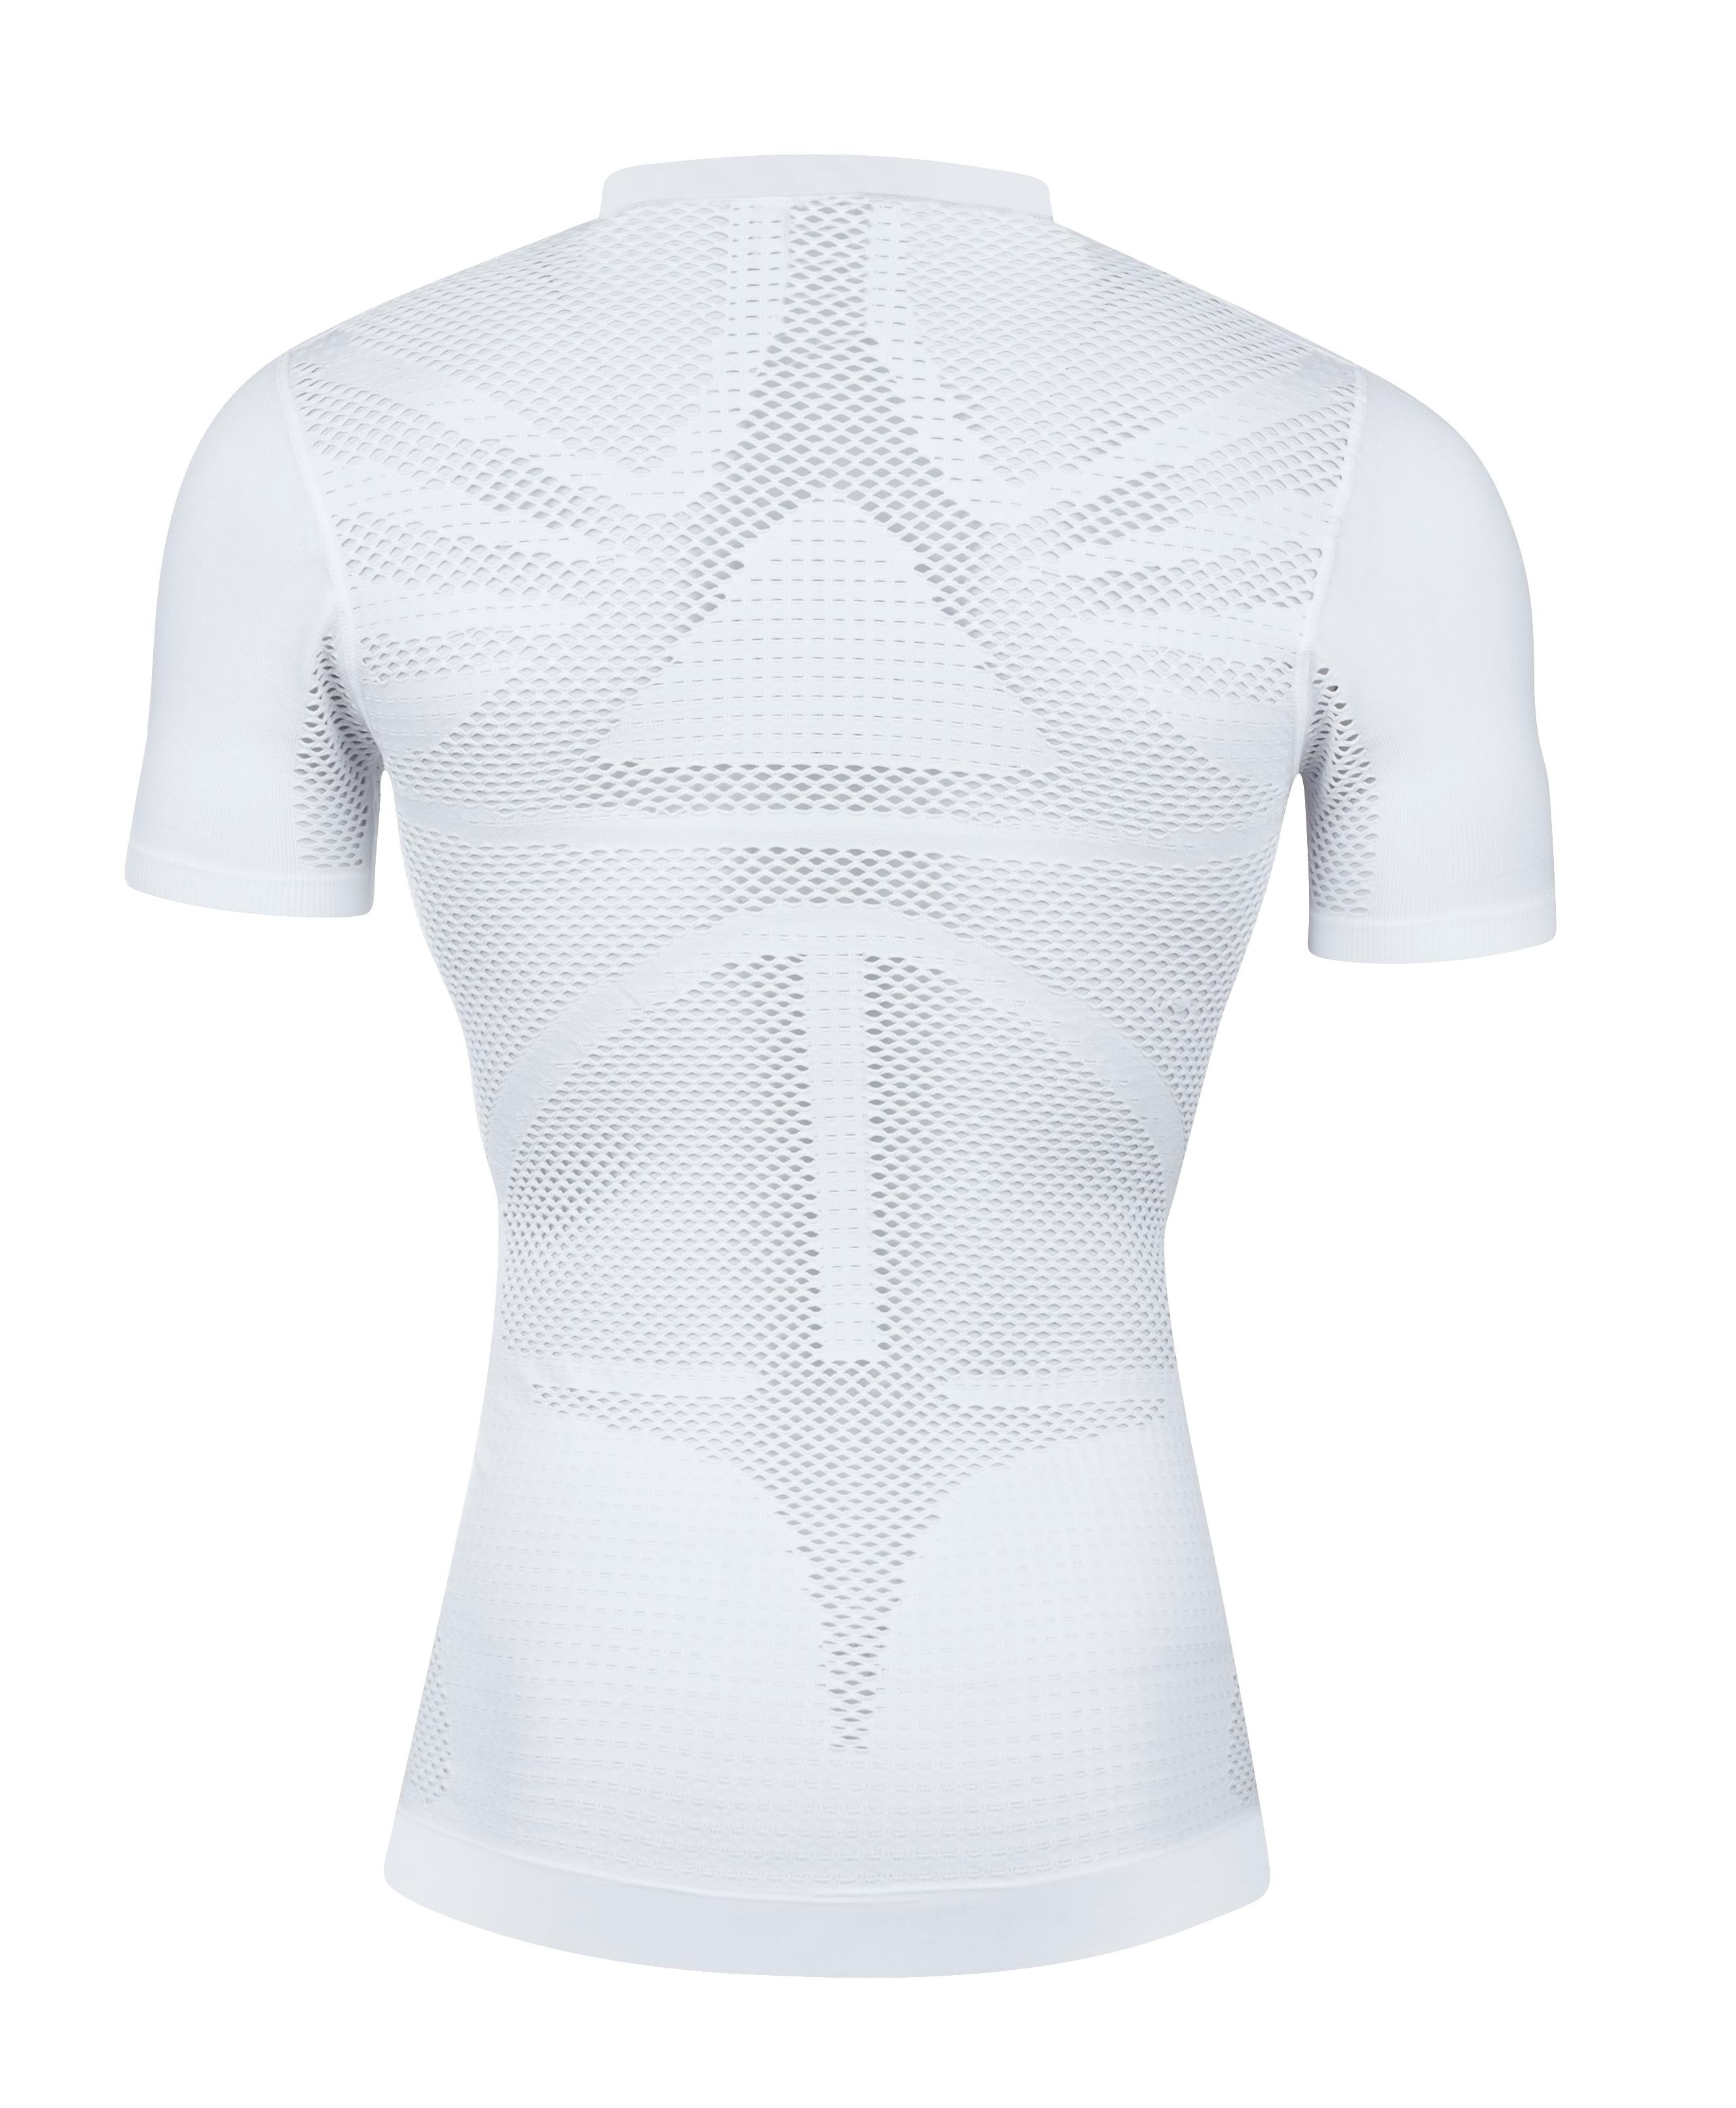 triko funkční  F SWELTER krátký rukáv,bílé S-M